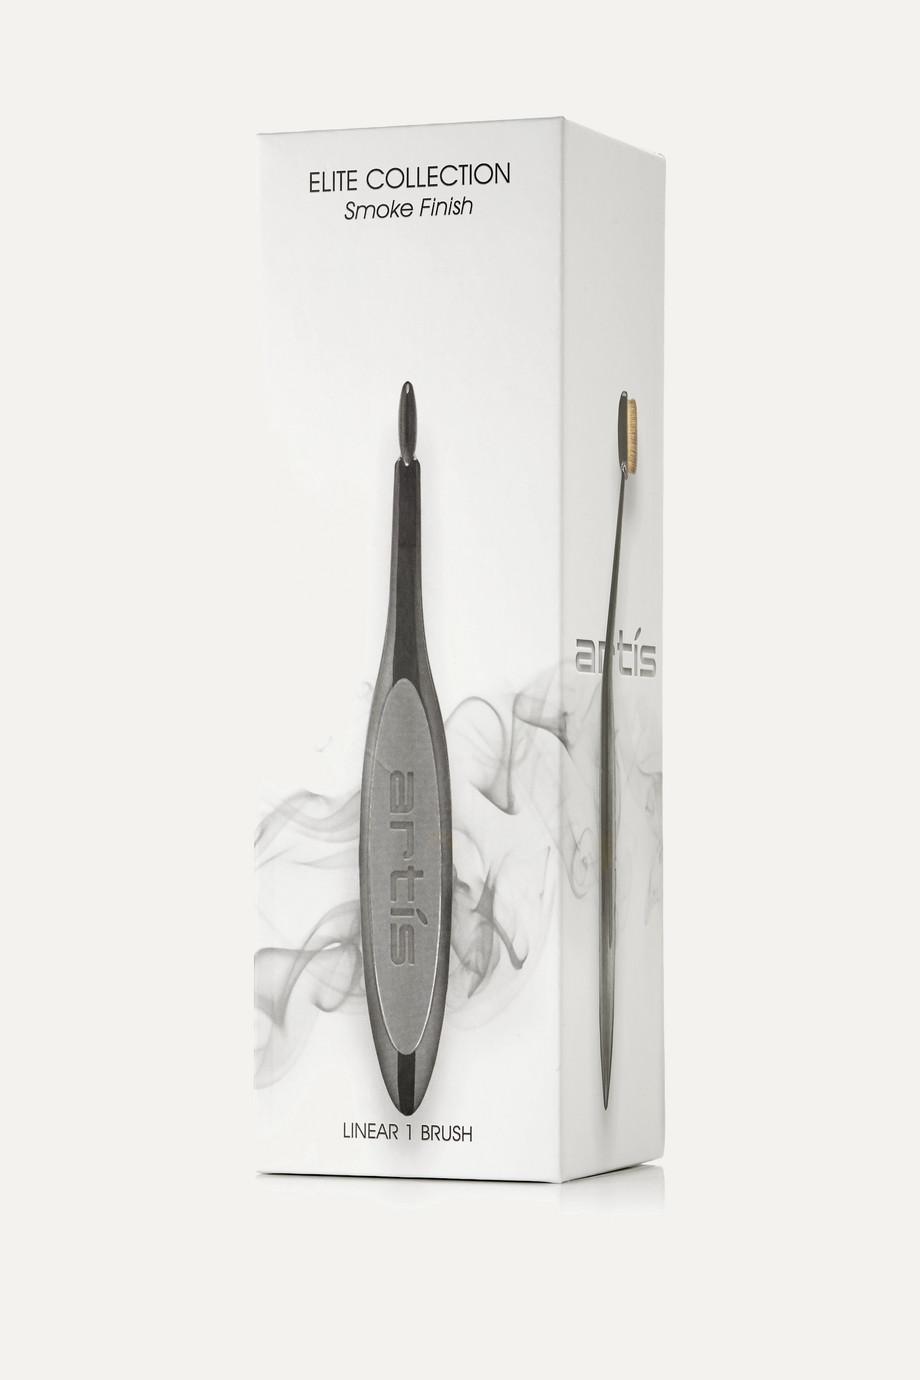 Artis Brush Next Generation Elite Smoke Linear 1 Brush